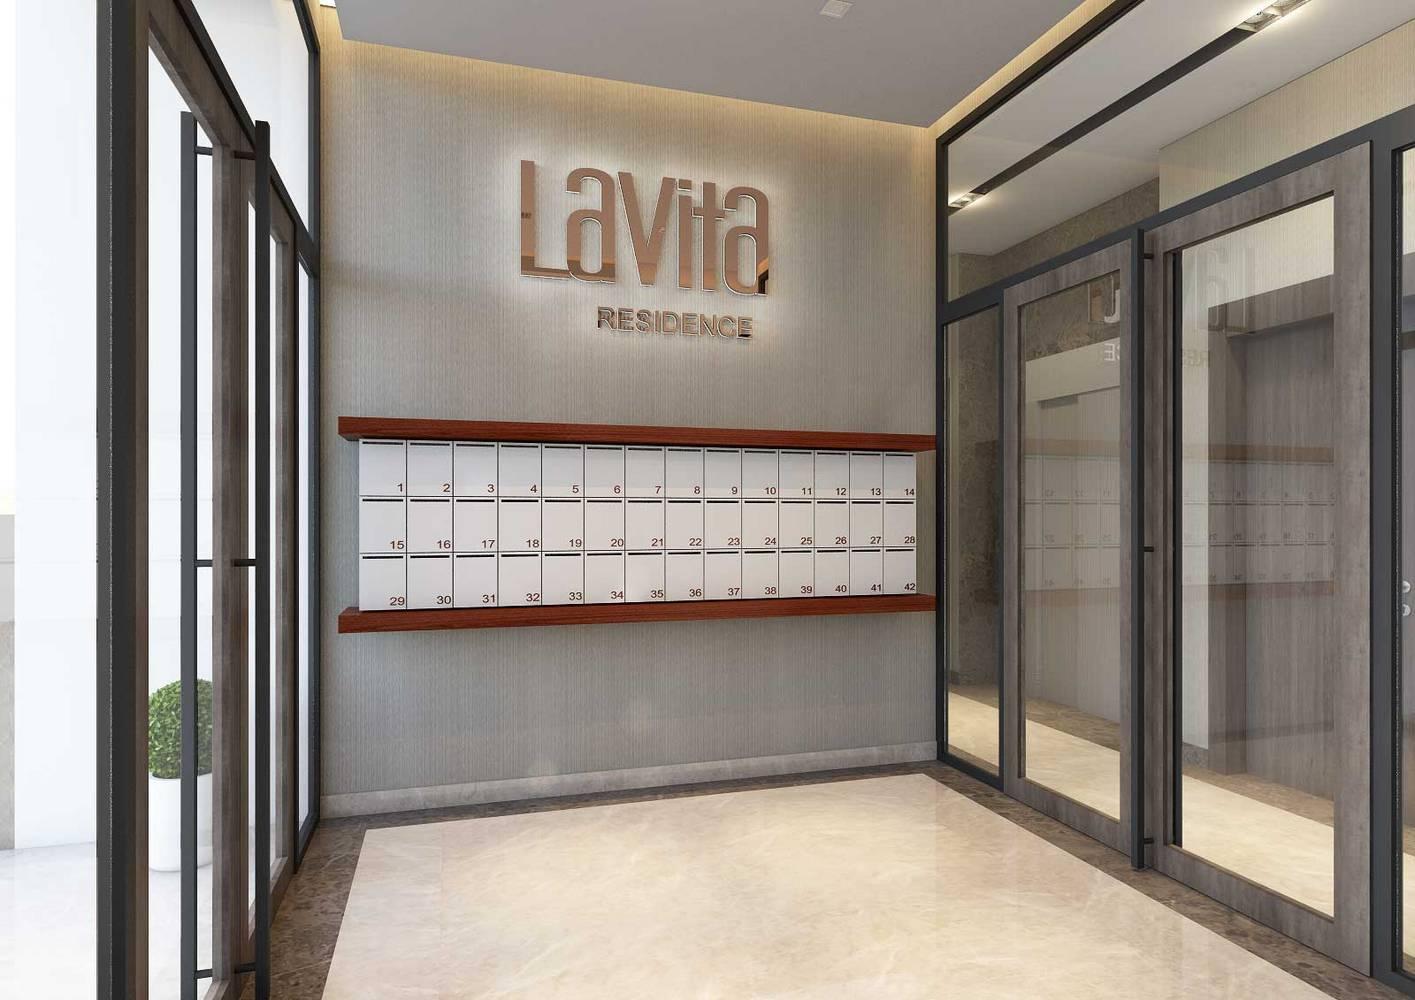 Lavita Residence